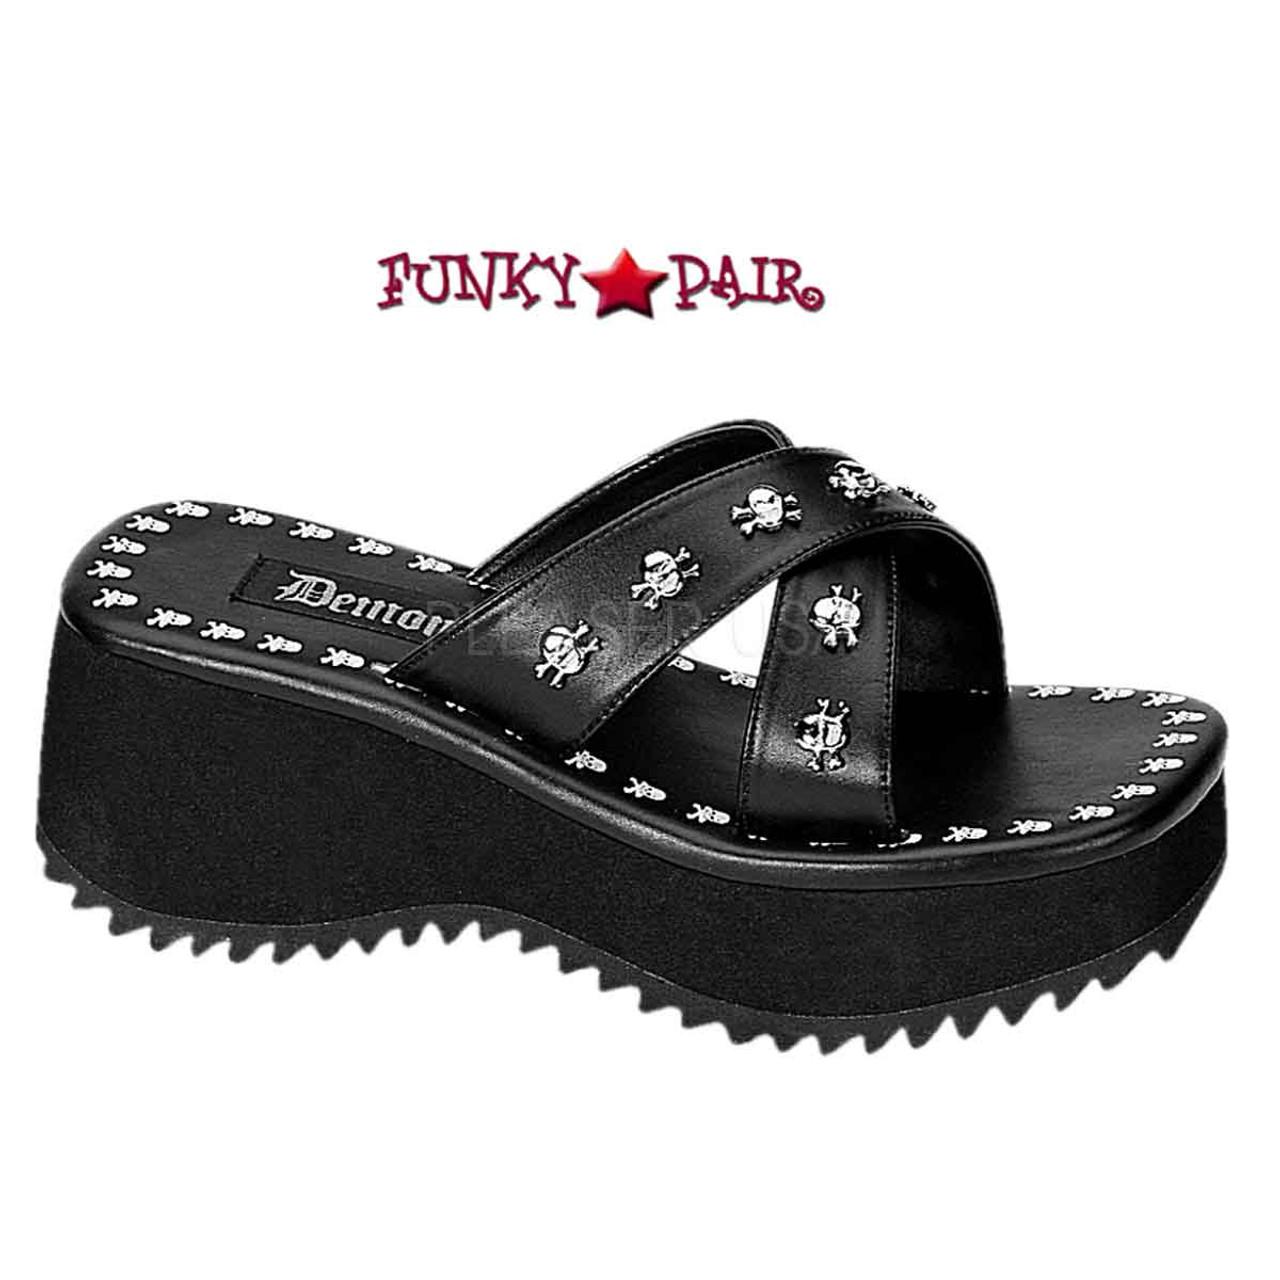 77700b64c81a Demonia Women s Platform Sandals color black faux leather